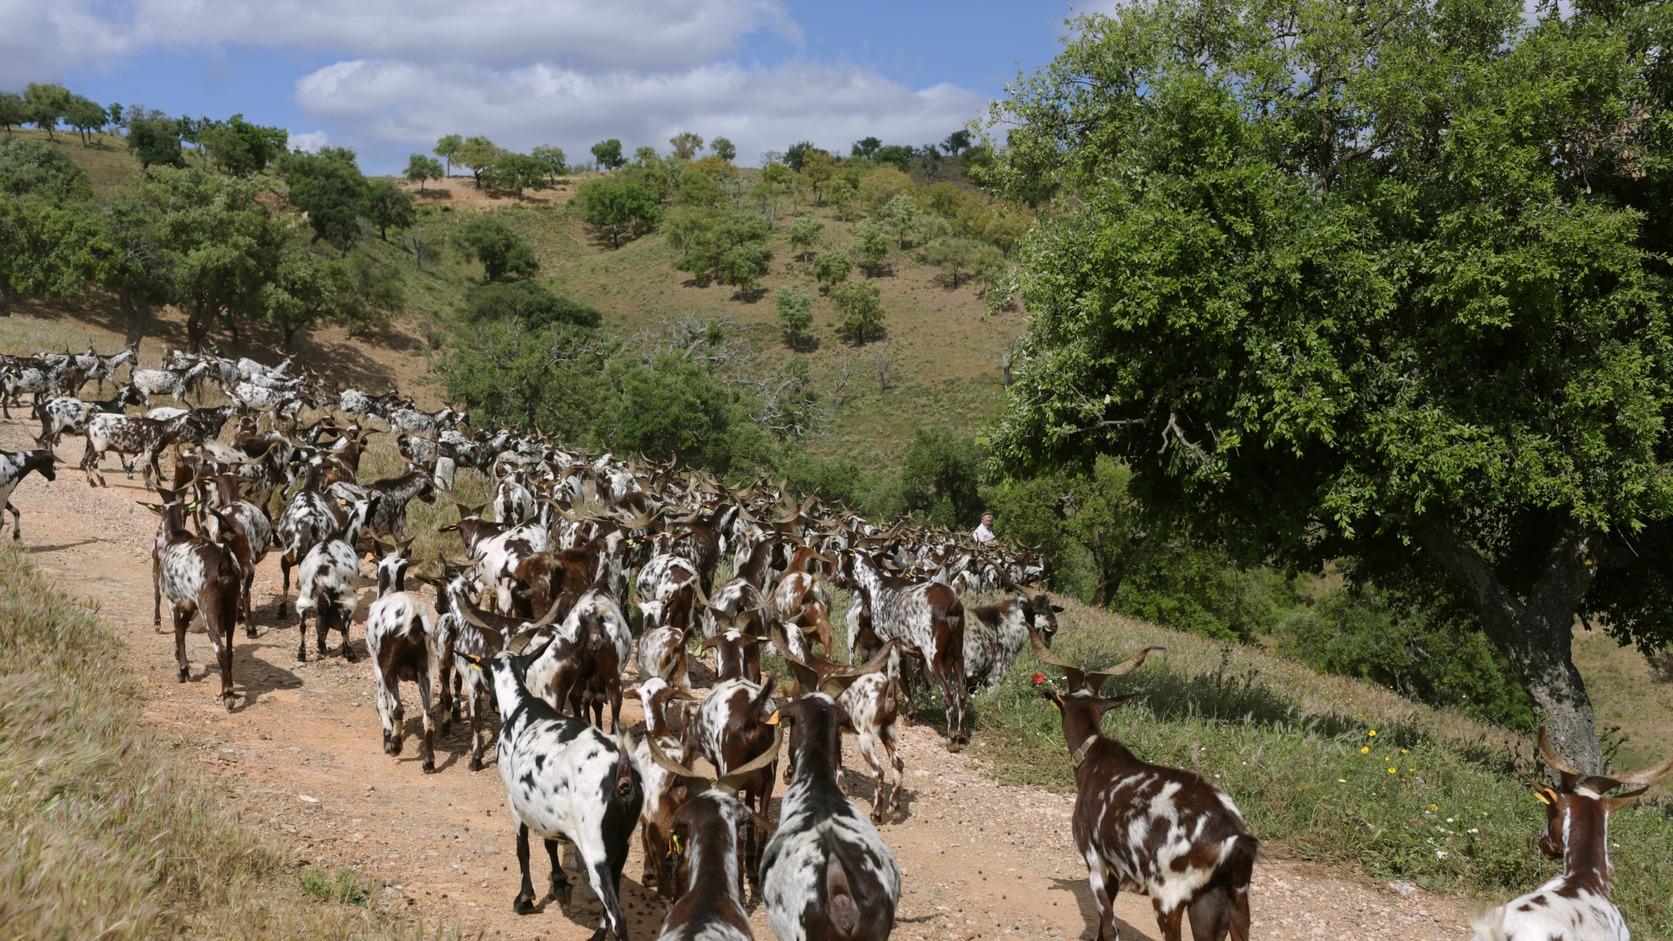 Moita da Guerra, 2018. június 13. Kecskenyájat terelnek egy hegyoldalon az erdő felé a dél-portugáliai  Moita da Guerra közelében 2018. június 5-én. A portugál kormány kecskék bevetésével vette fel a harcot a nyári erdőtüzek ellen, országszerte több tucatnyi több száz fős kecskenyáj legel az erdőségekben, hogy a lehető legnagyobb mértékben megtisztítsa azokat az aljnövényzettől. (MTI/AP/Armando Franca)